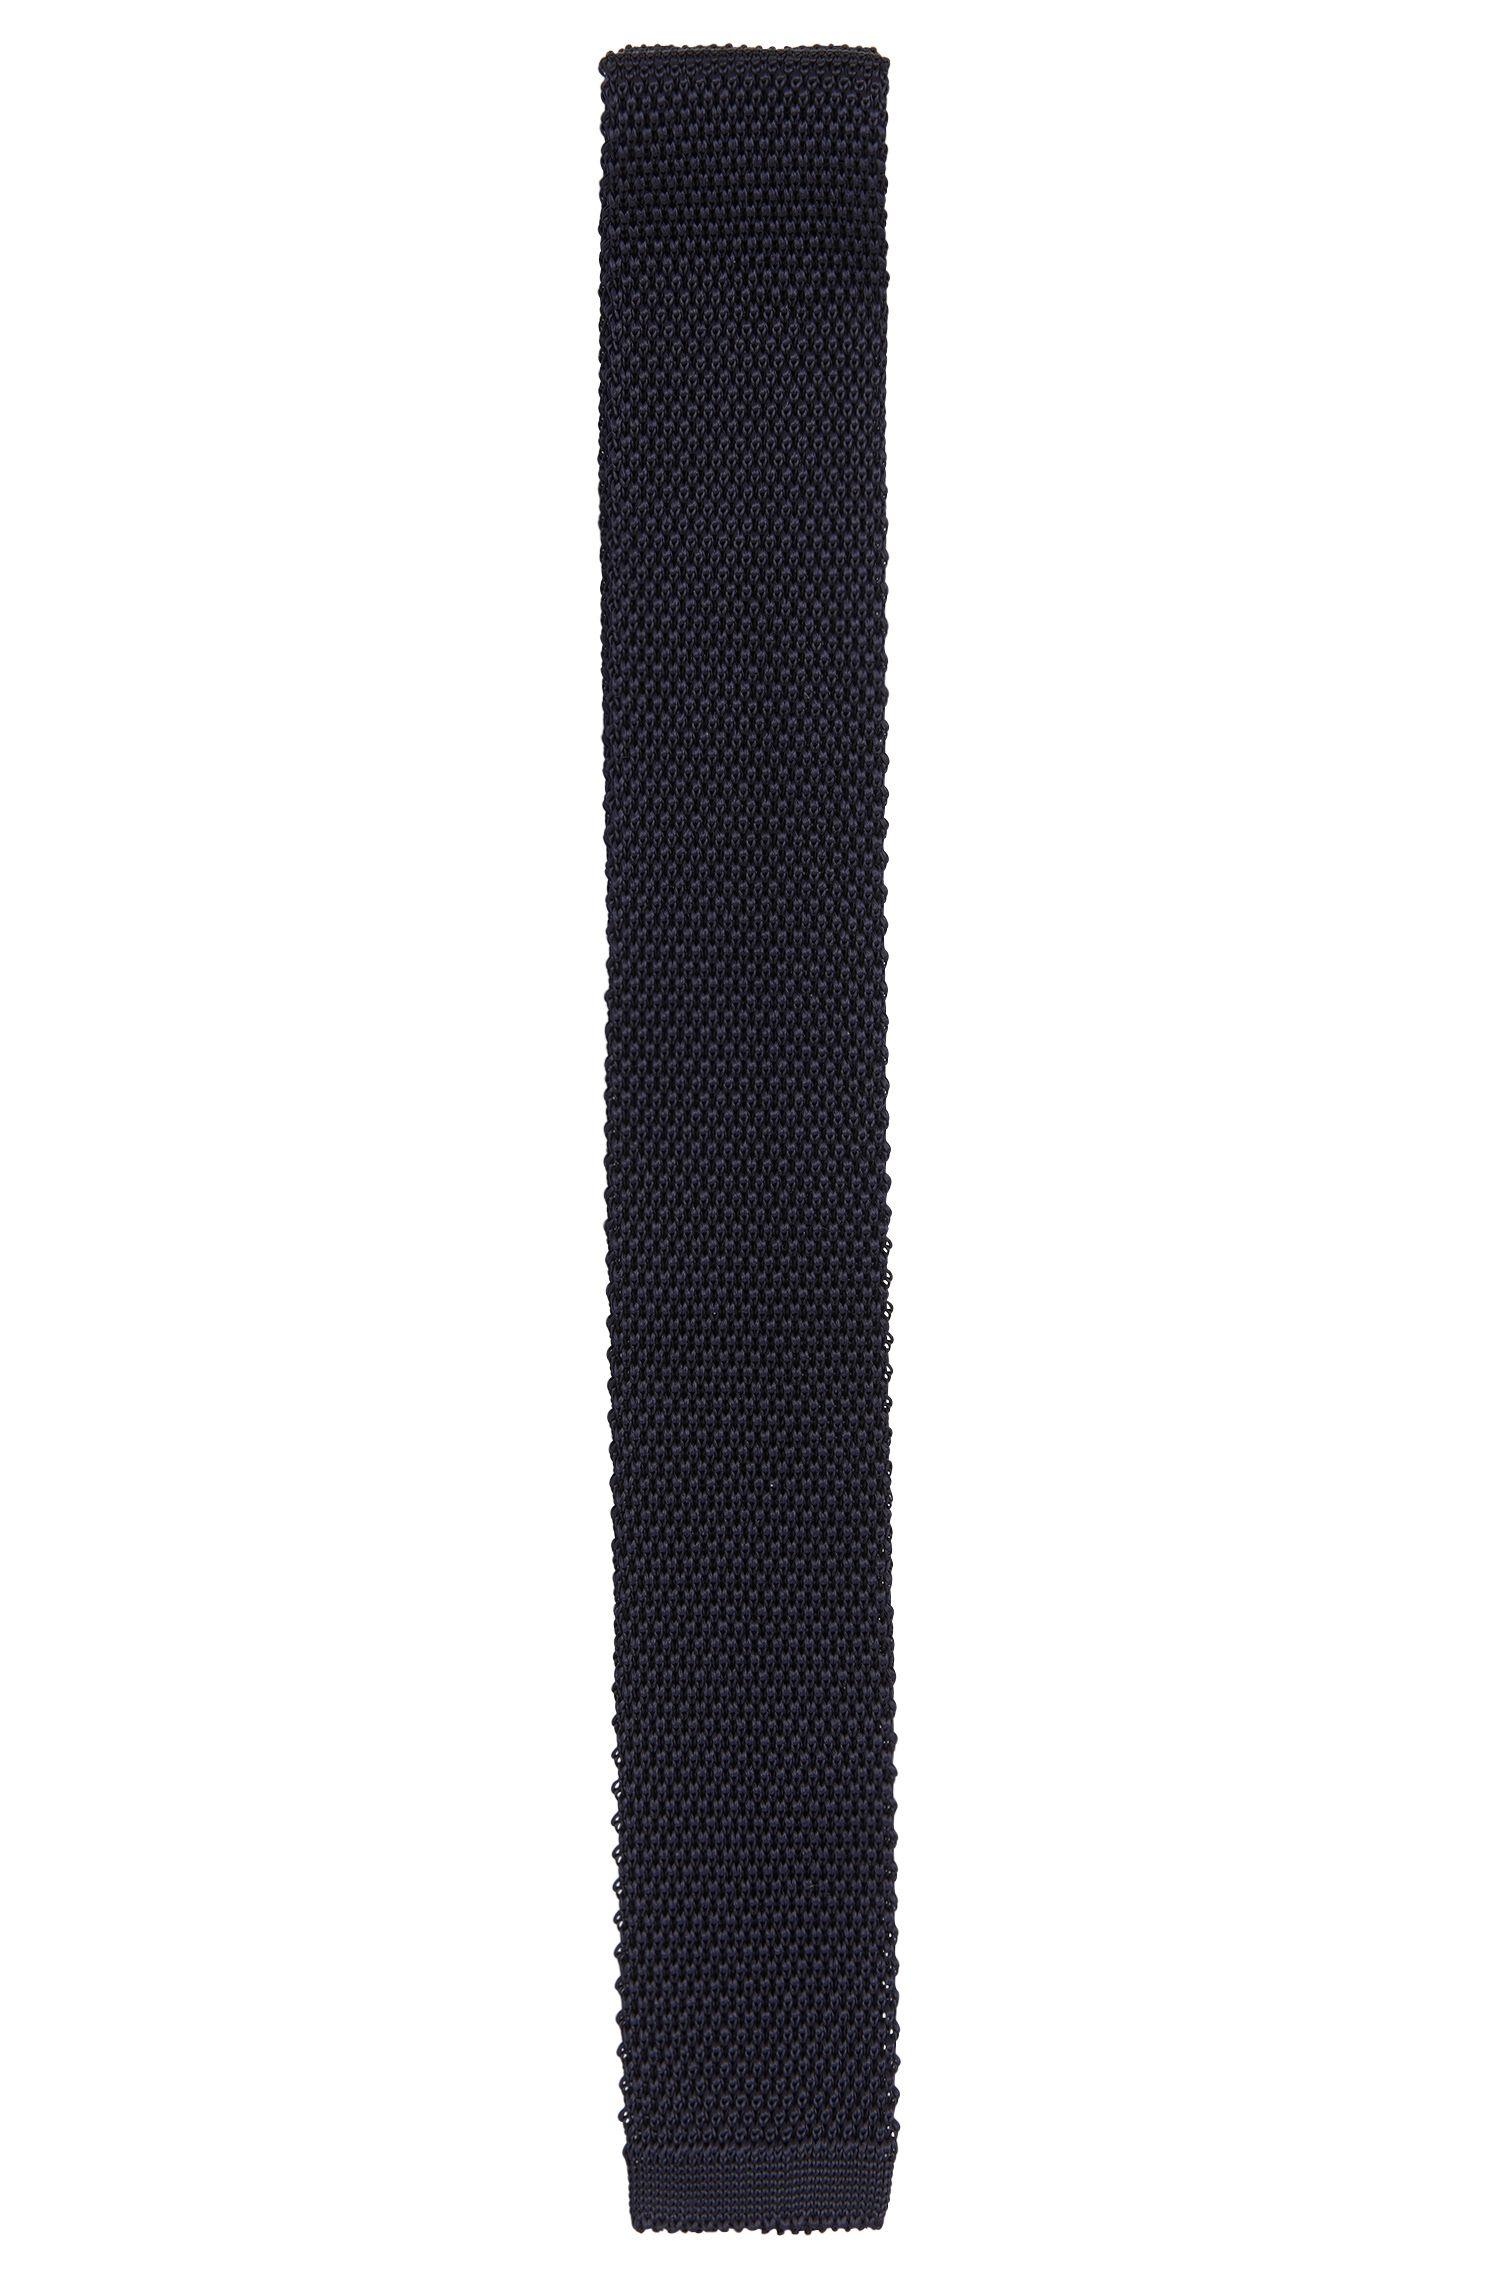 Gebreide stropdas van viscose: 'Tie 5 cm knitted'